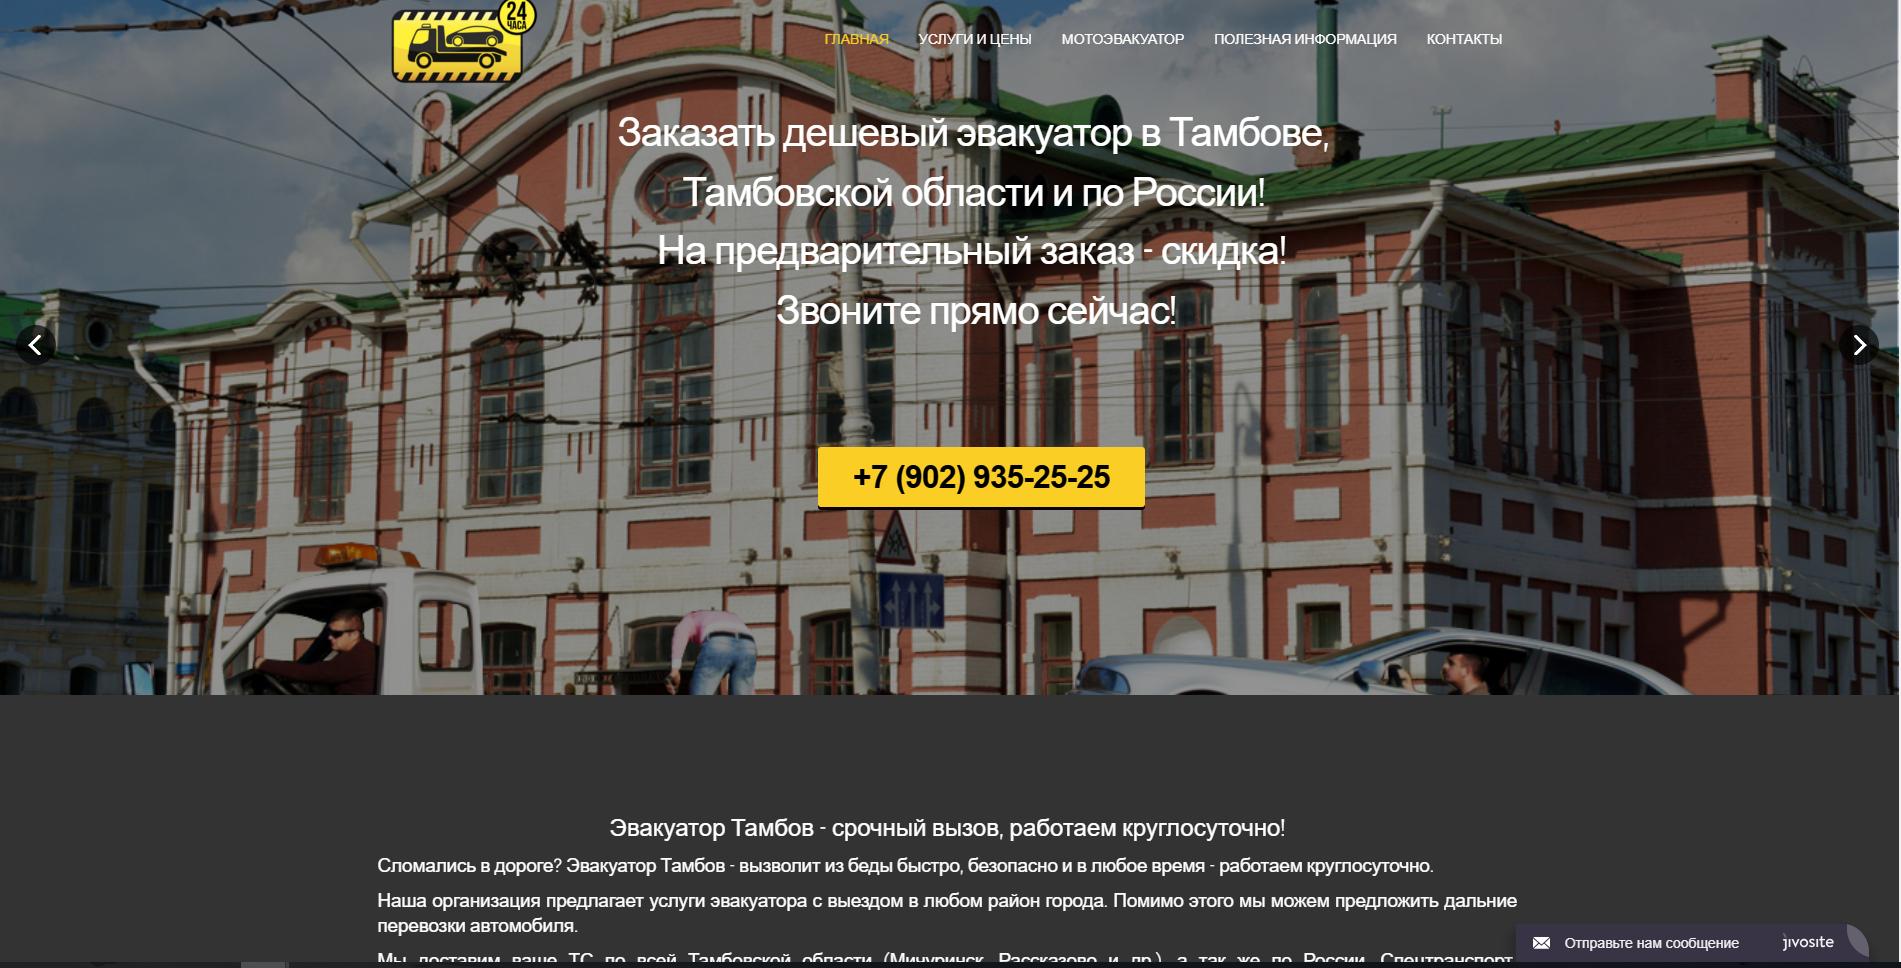 эвакуатор-тамбов.рф